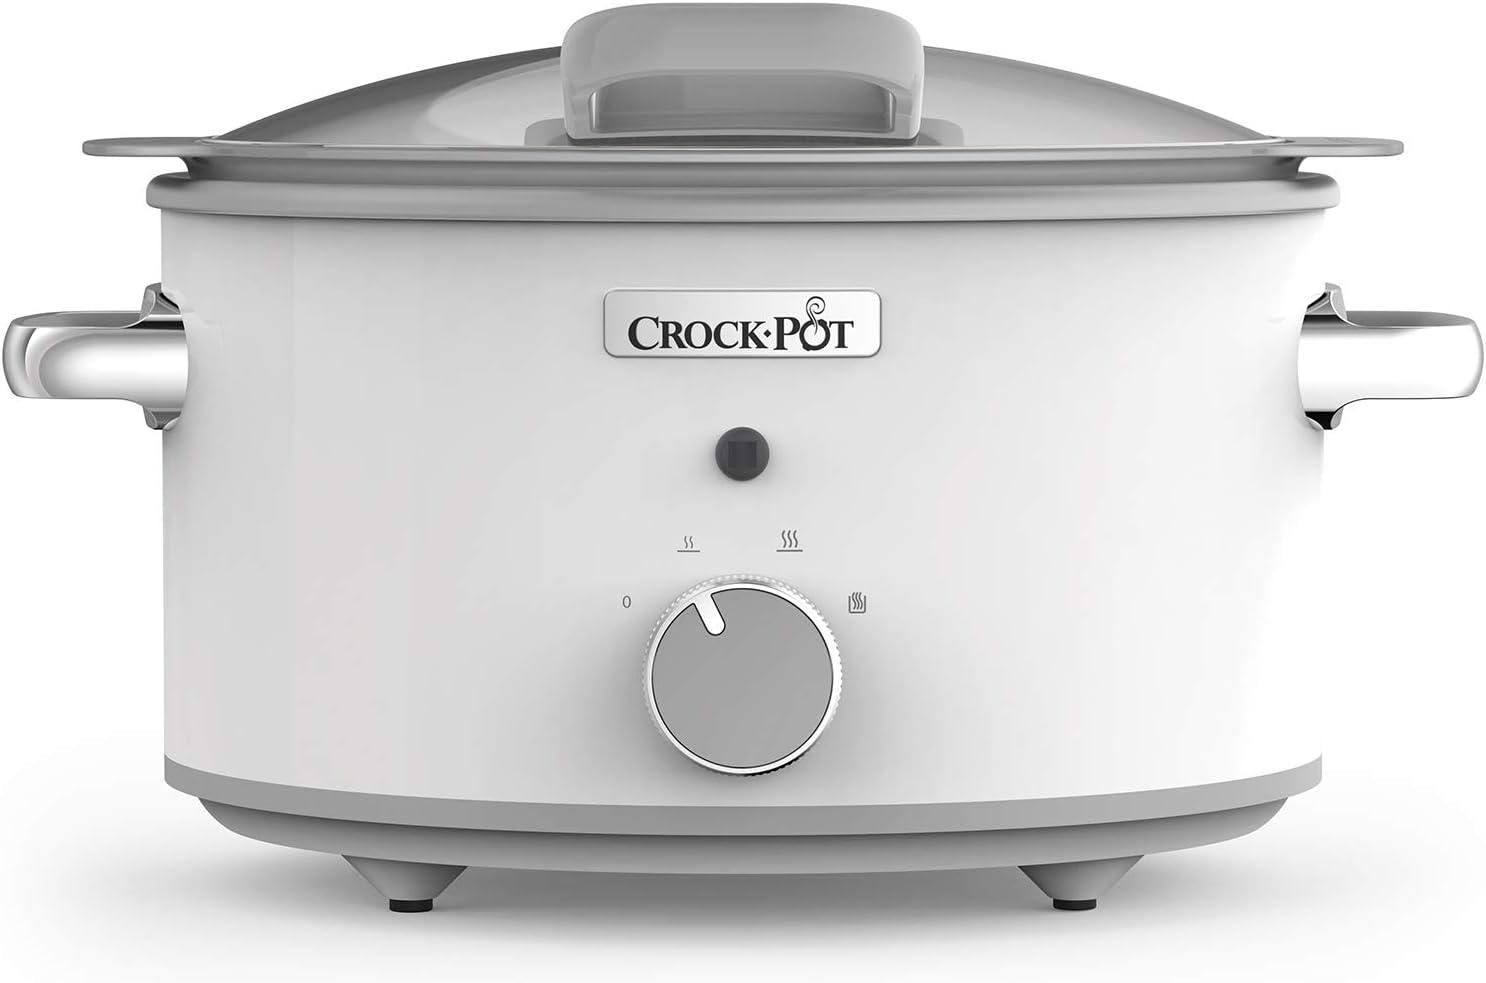 Crock-Pot CSC038X DuraCeramic - Olla de Cocción Lenta Manual con Tapa Abatible, Recipiente Compatible con Fuego e Inducción, para Preparar todo Tipo de Recetas, 4.5 litros, Acero Inoxidable, Blanco: Amazon.es: Hogar